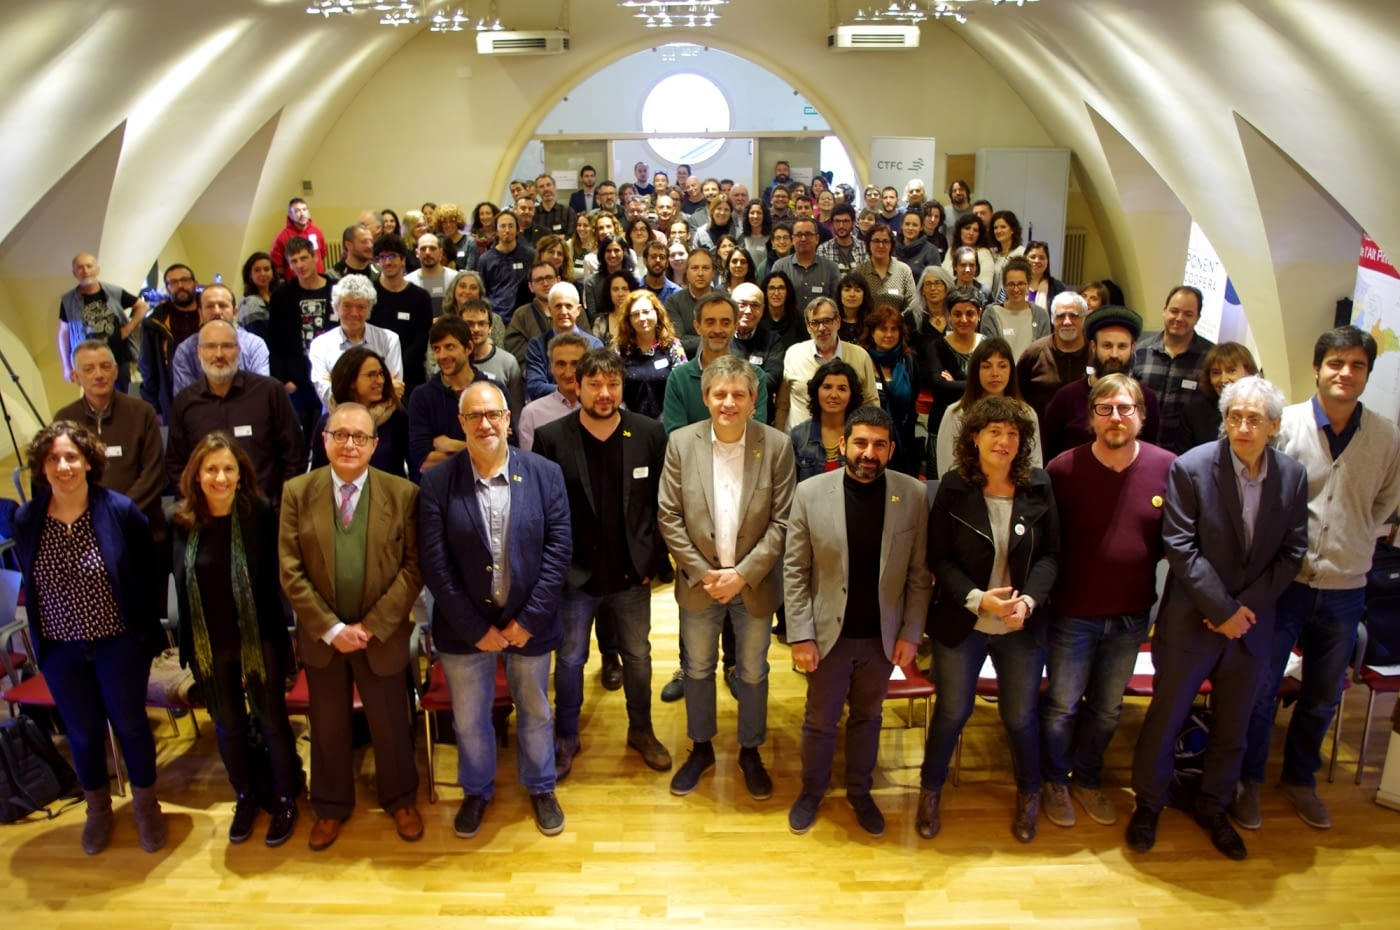 Ponent Coopera participa en una trobada a Solsona amb els Grups d'Acció Lider per compartir experiències en economia social i desenvolupament local